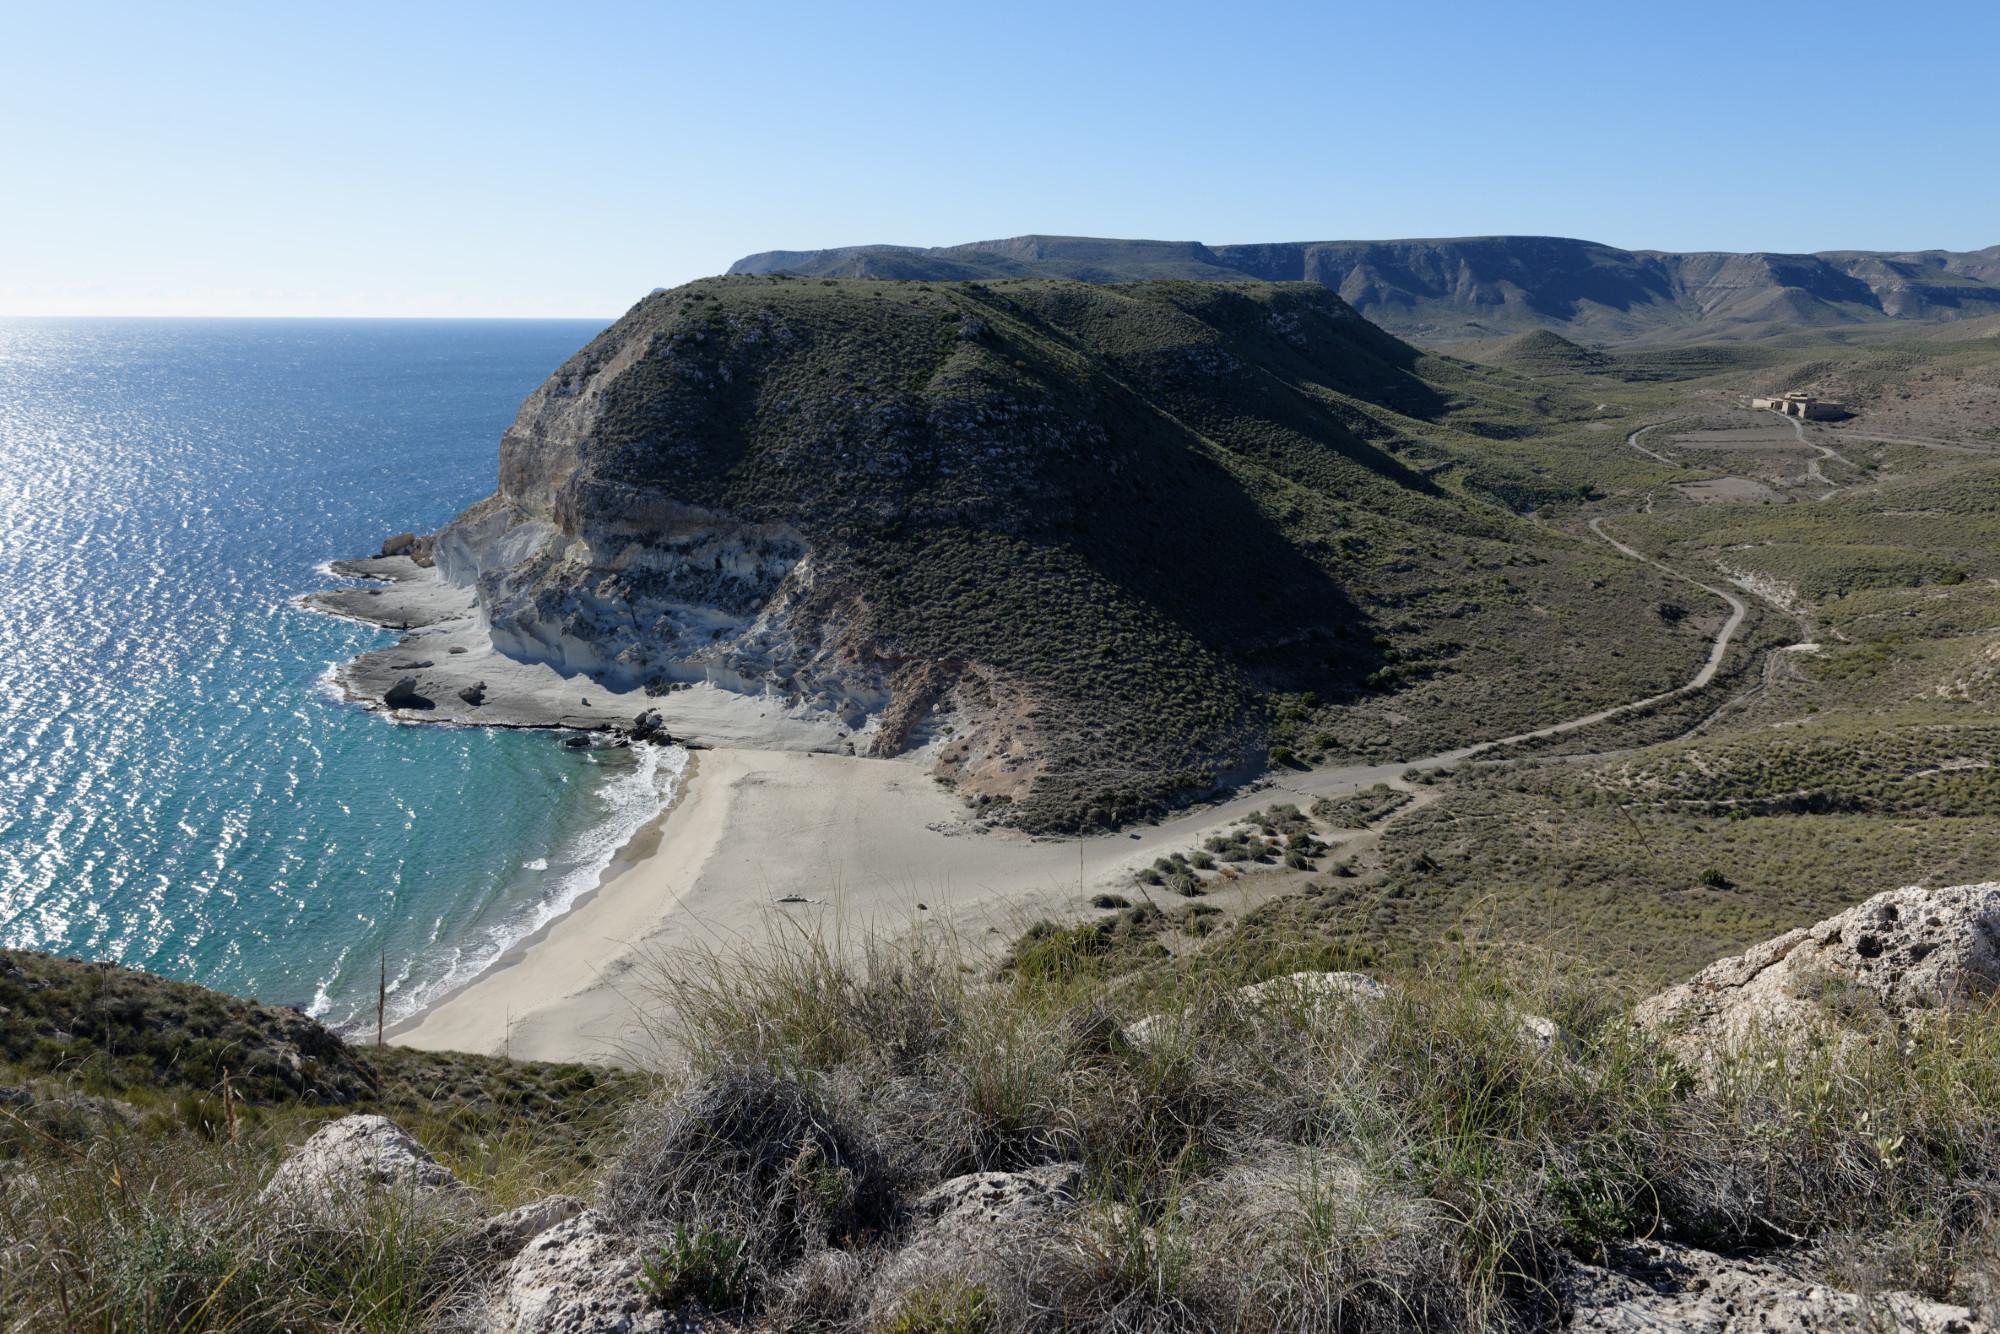 171217-Marche Agua Amarga vers Playa de Enmedio (Cabo de Gata-Andalousie) (32)